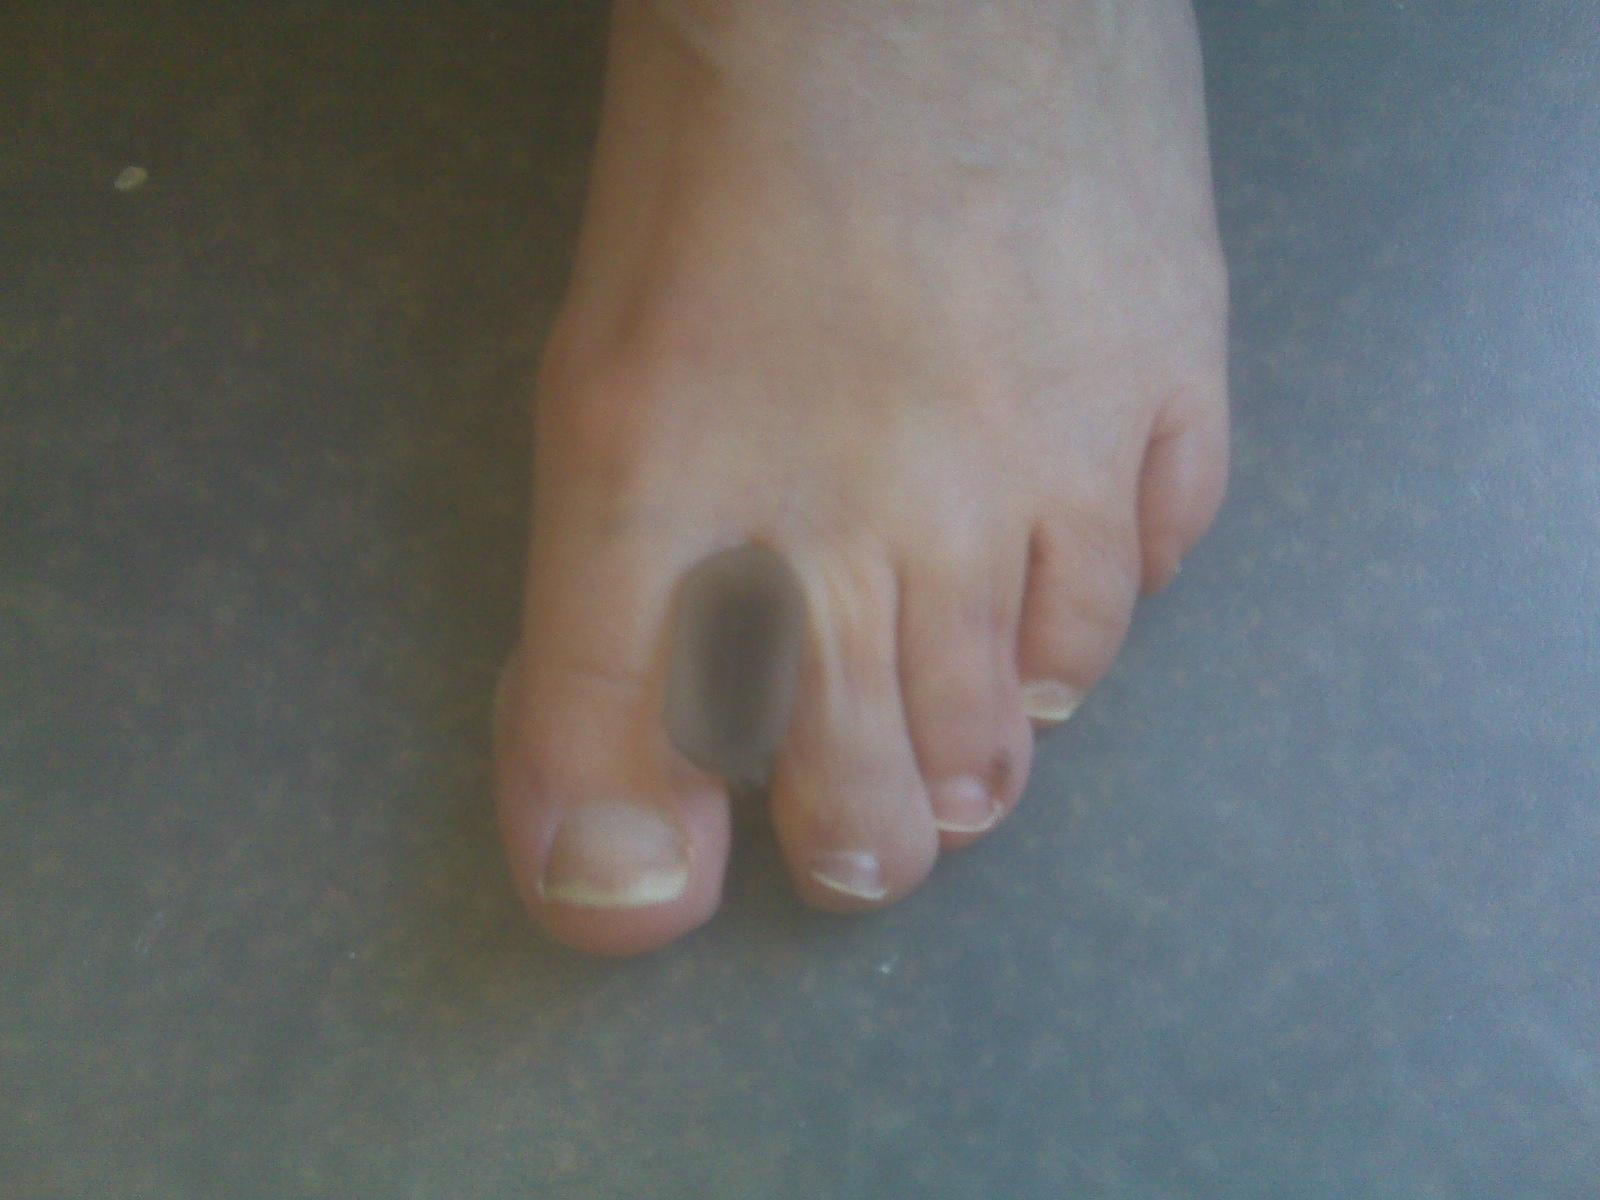 Косточки на ногах: как избавиться? Новый метод 38